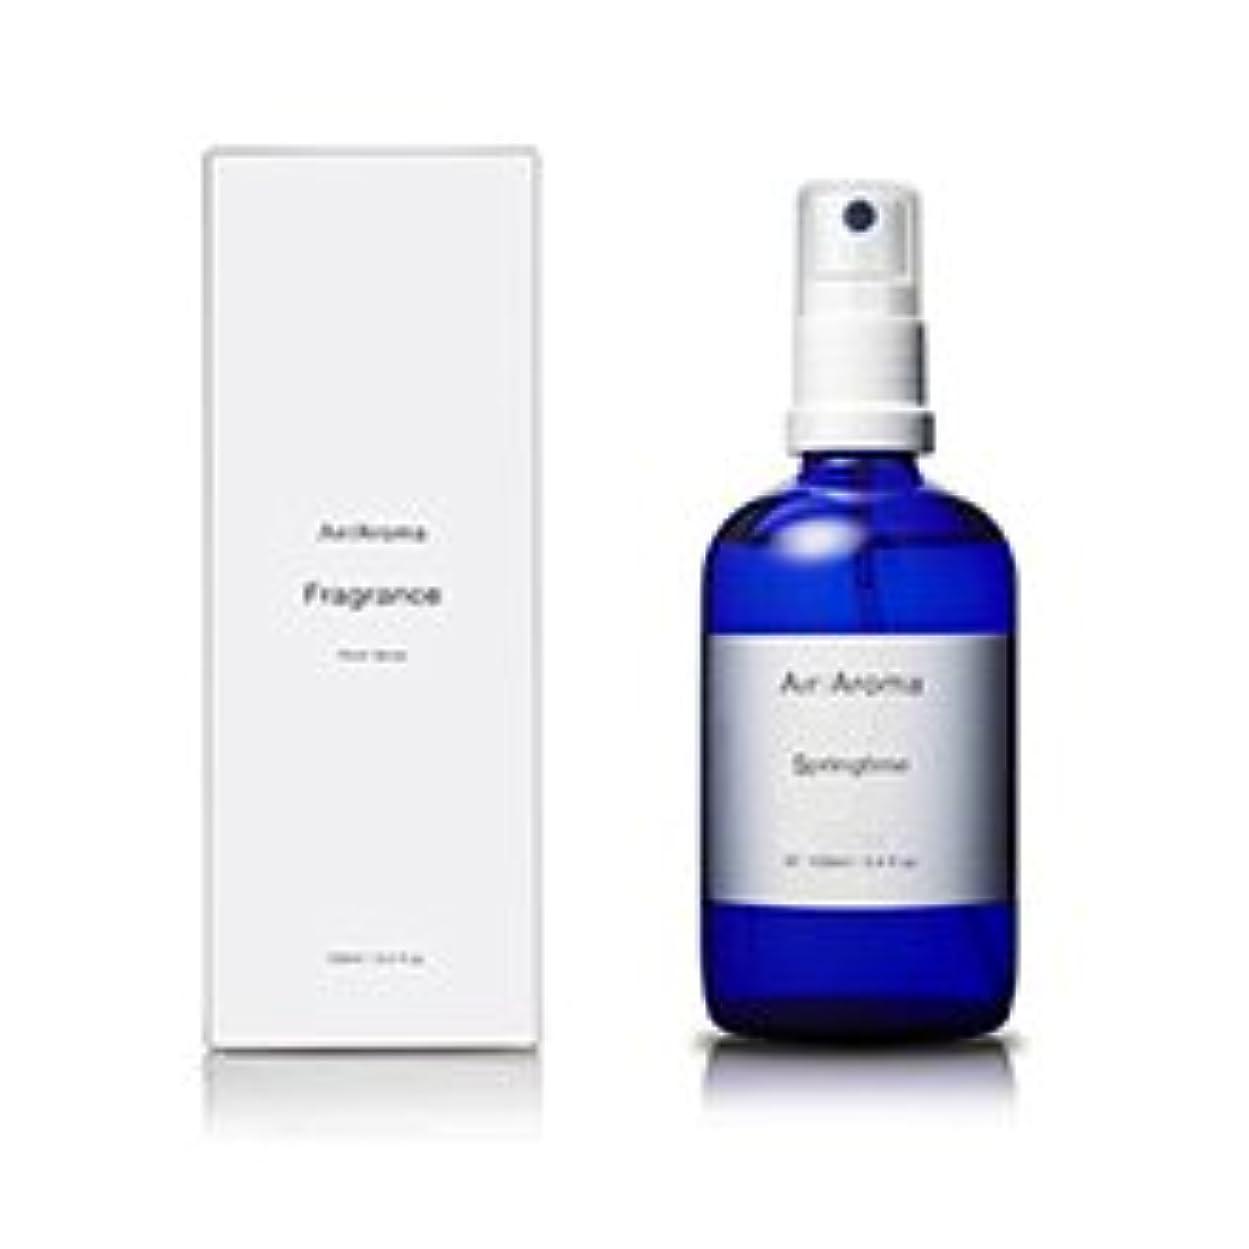 歯科の受け入れた空洞エアアロマ springtime room fragrance(スプリングタイム ルームフレグランス)100ml